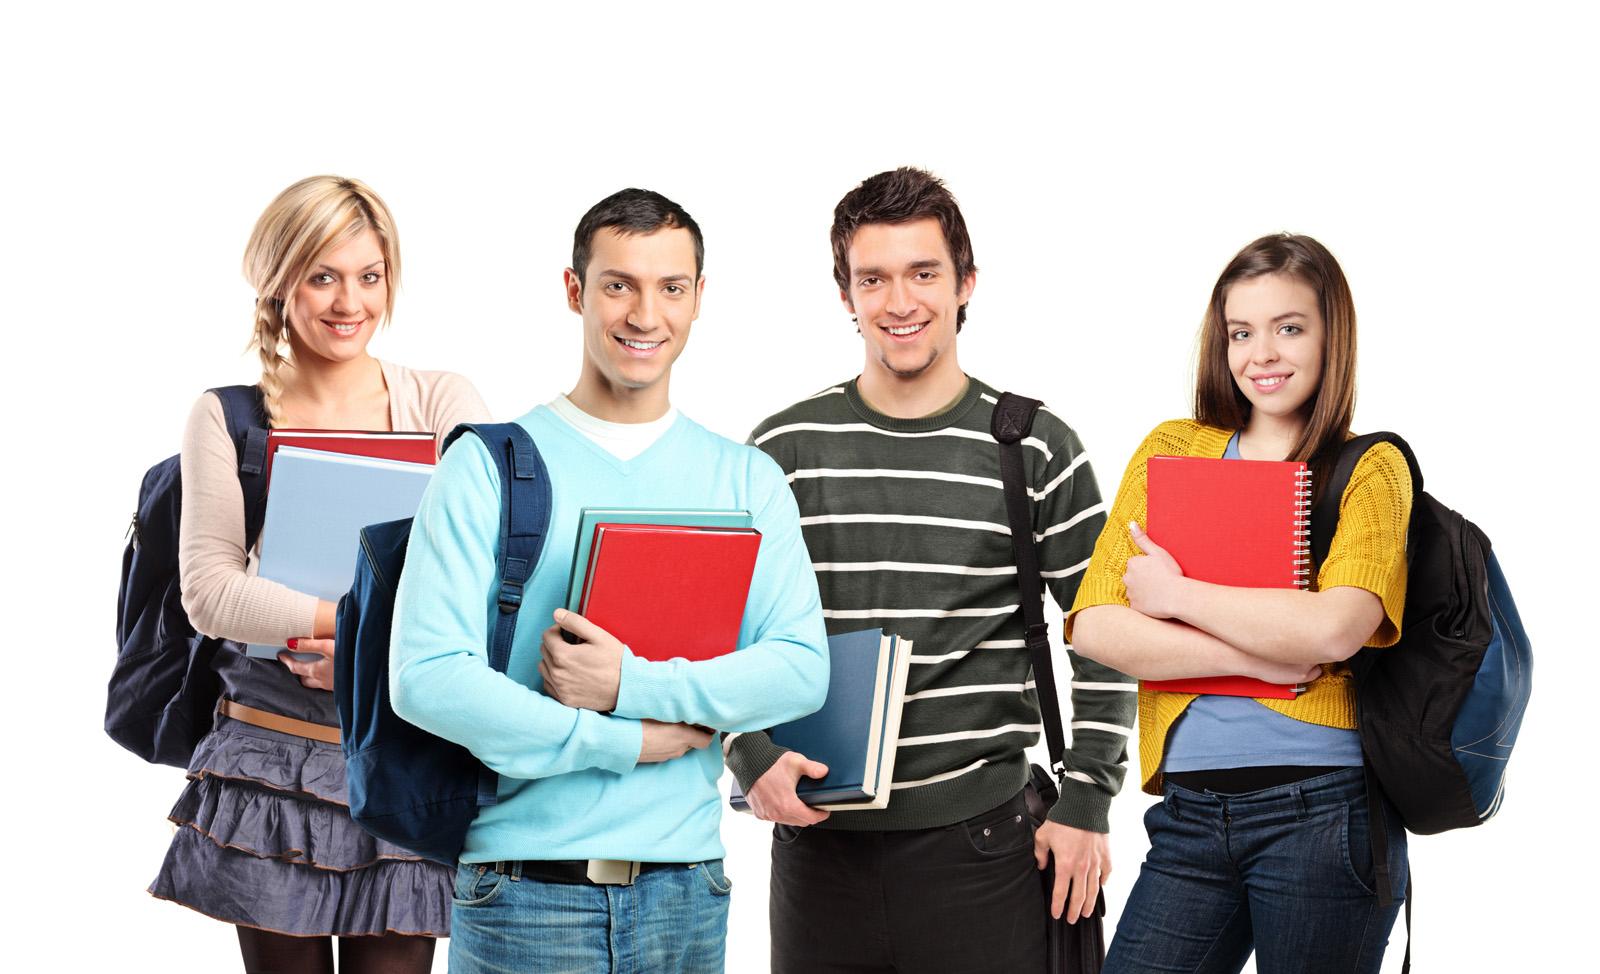 Kursus Bahasa Inggris Berkualitas